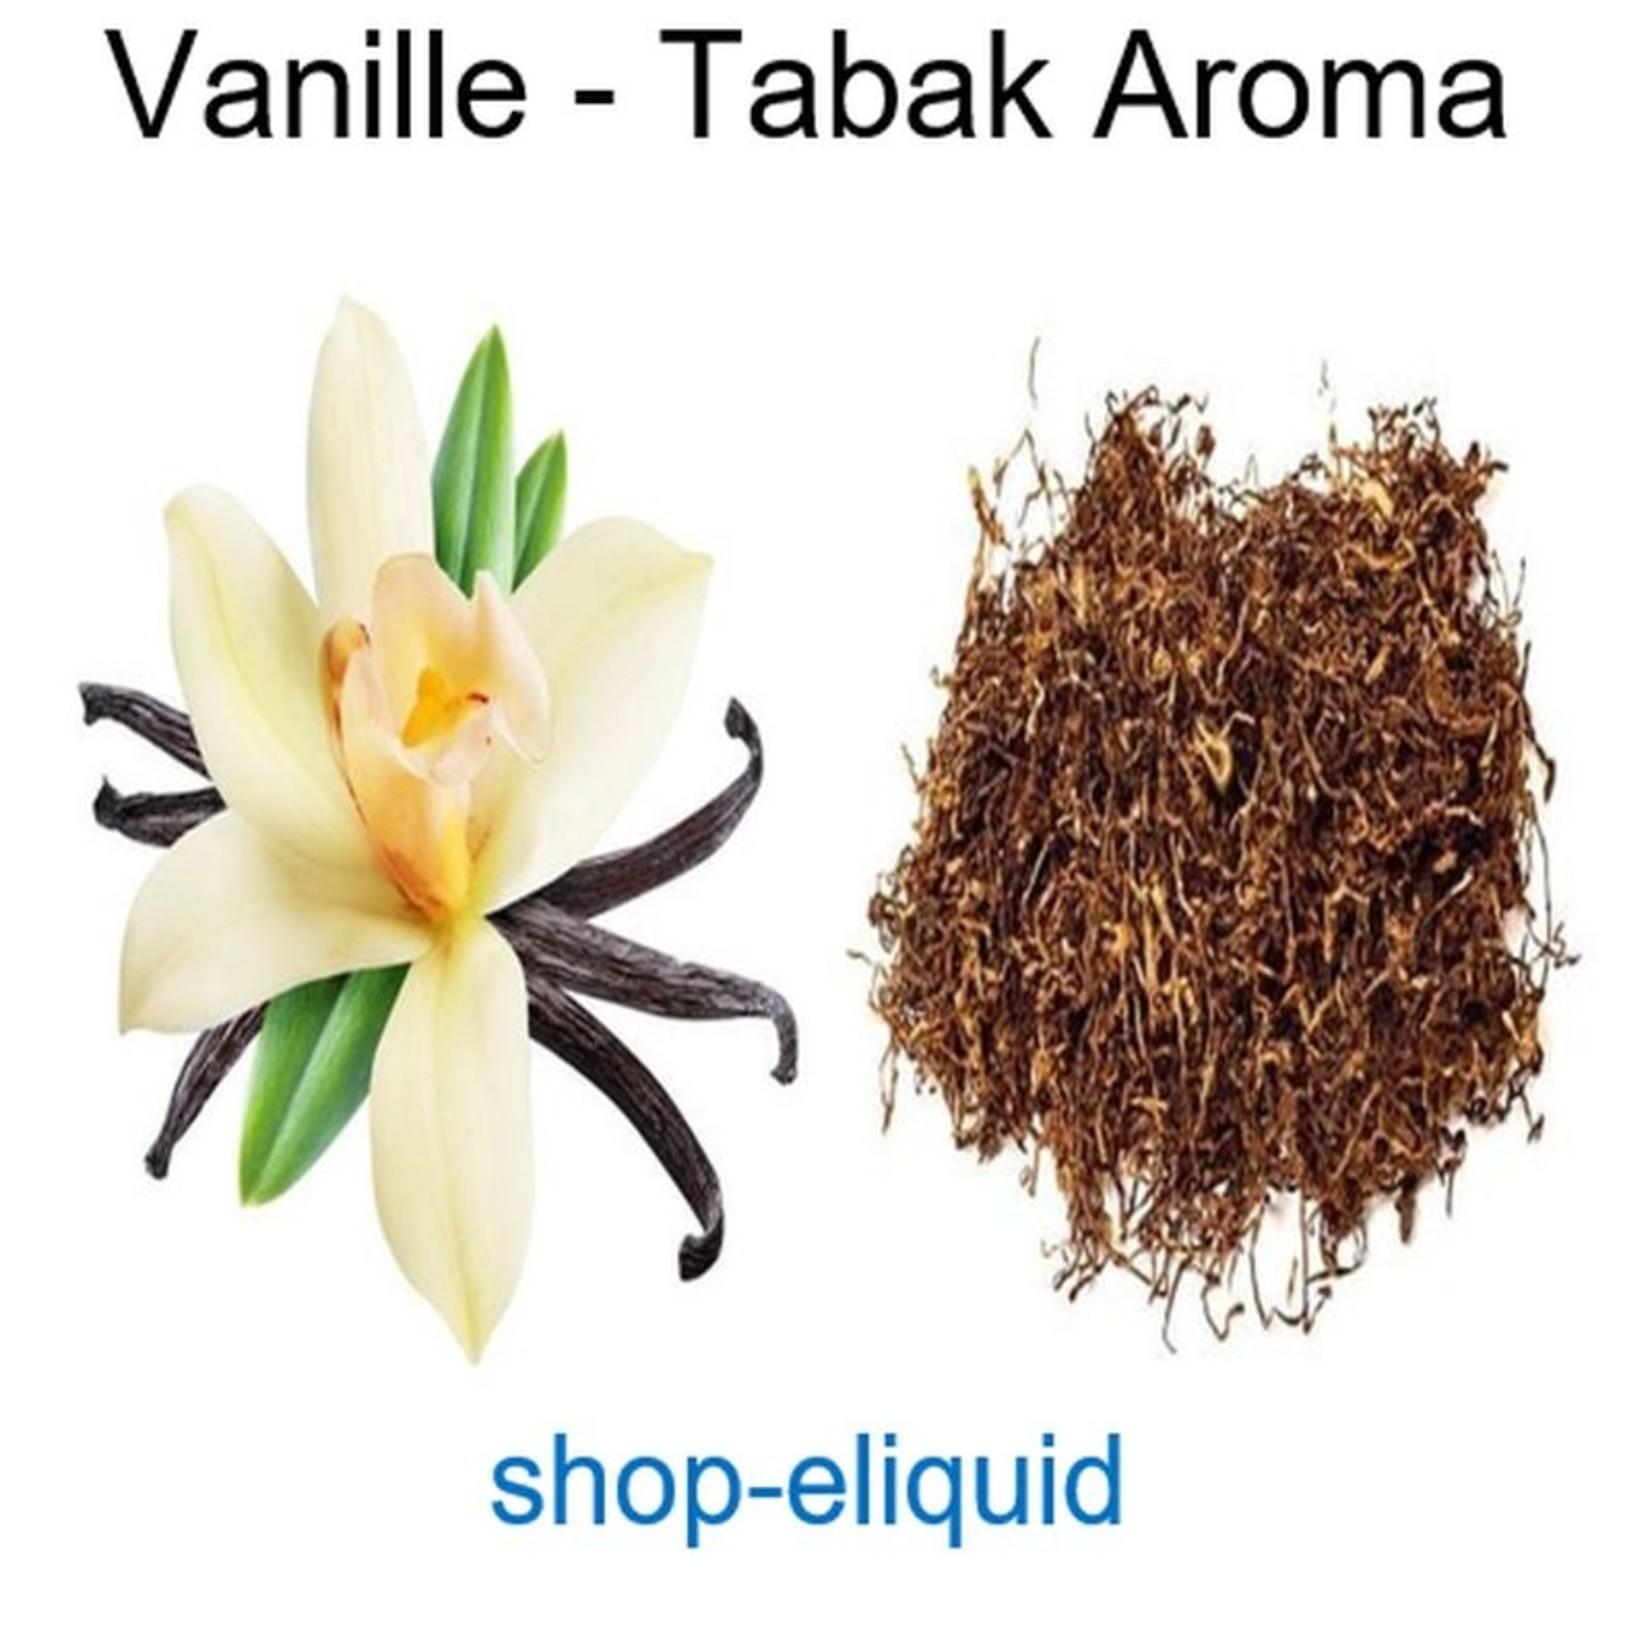 Vanille-Tabak Aroma